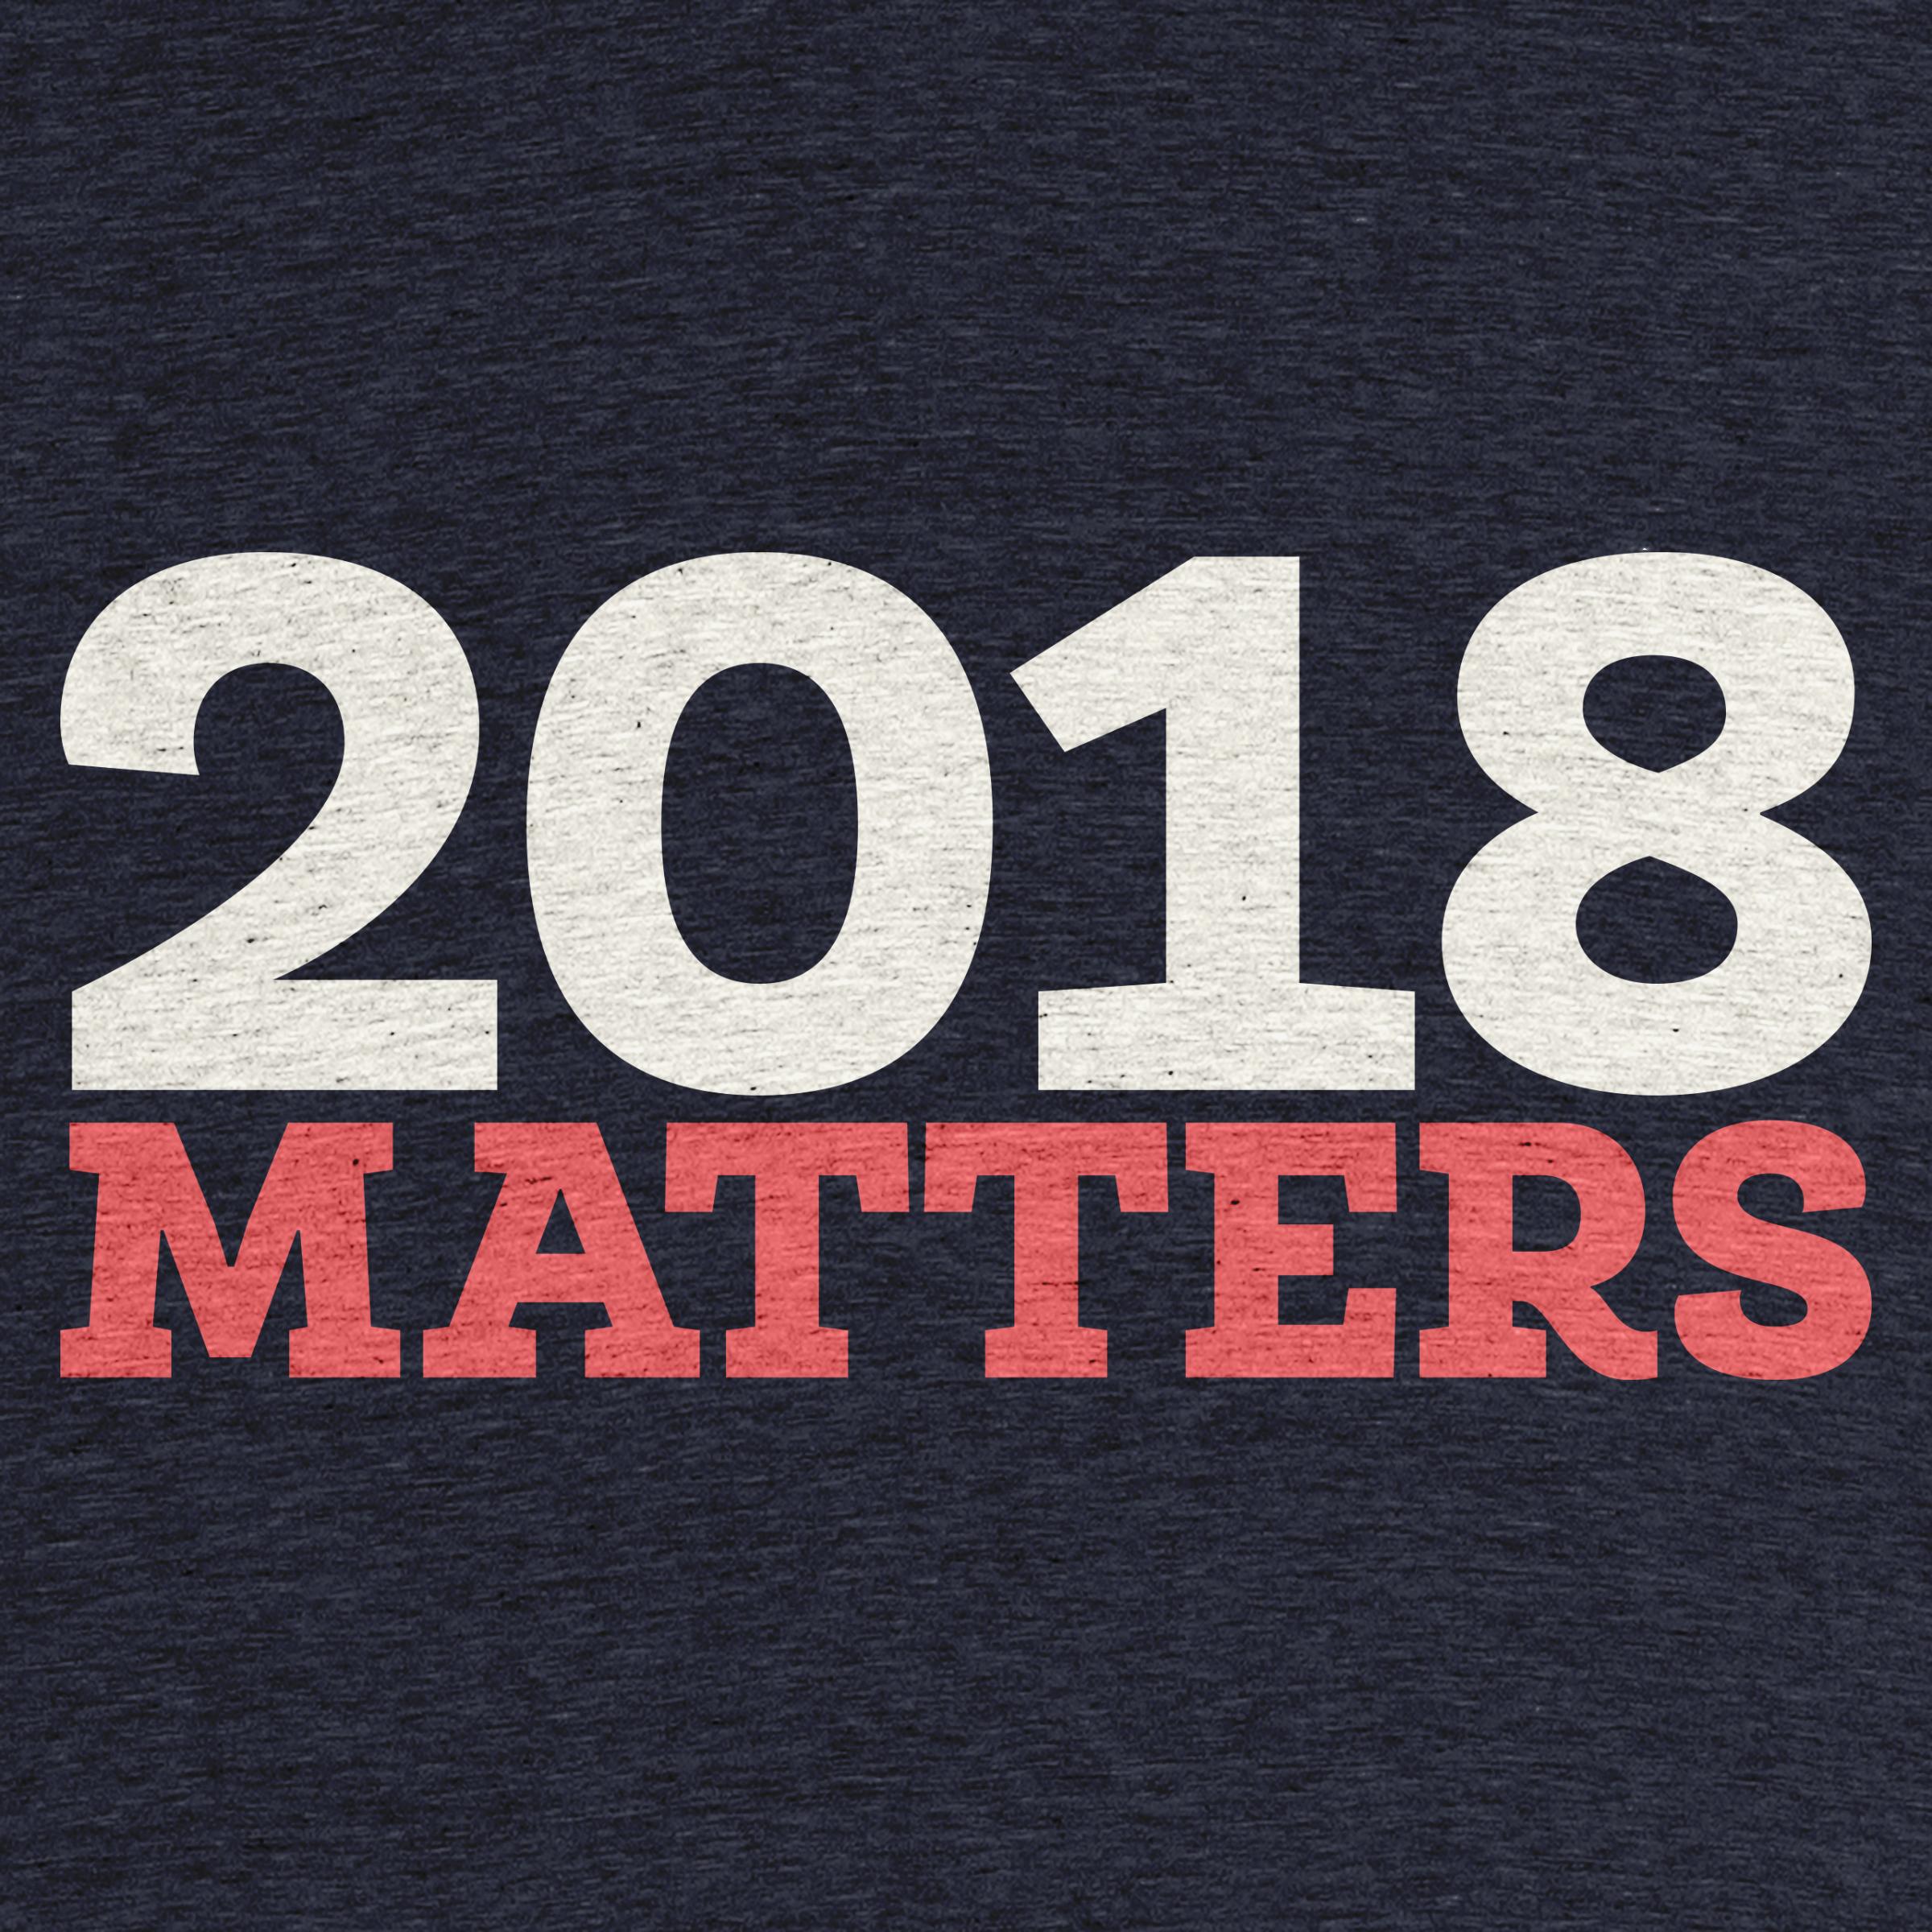 2018 Matters